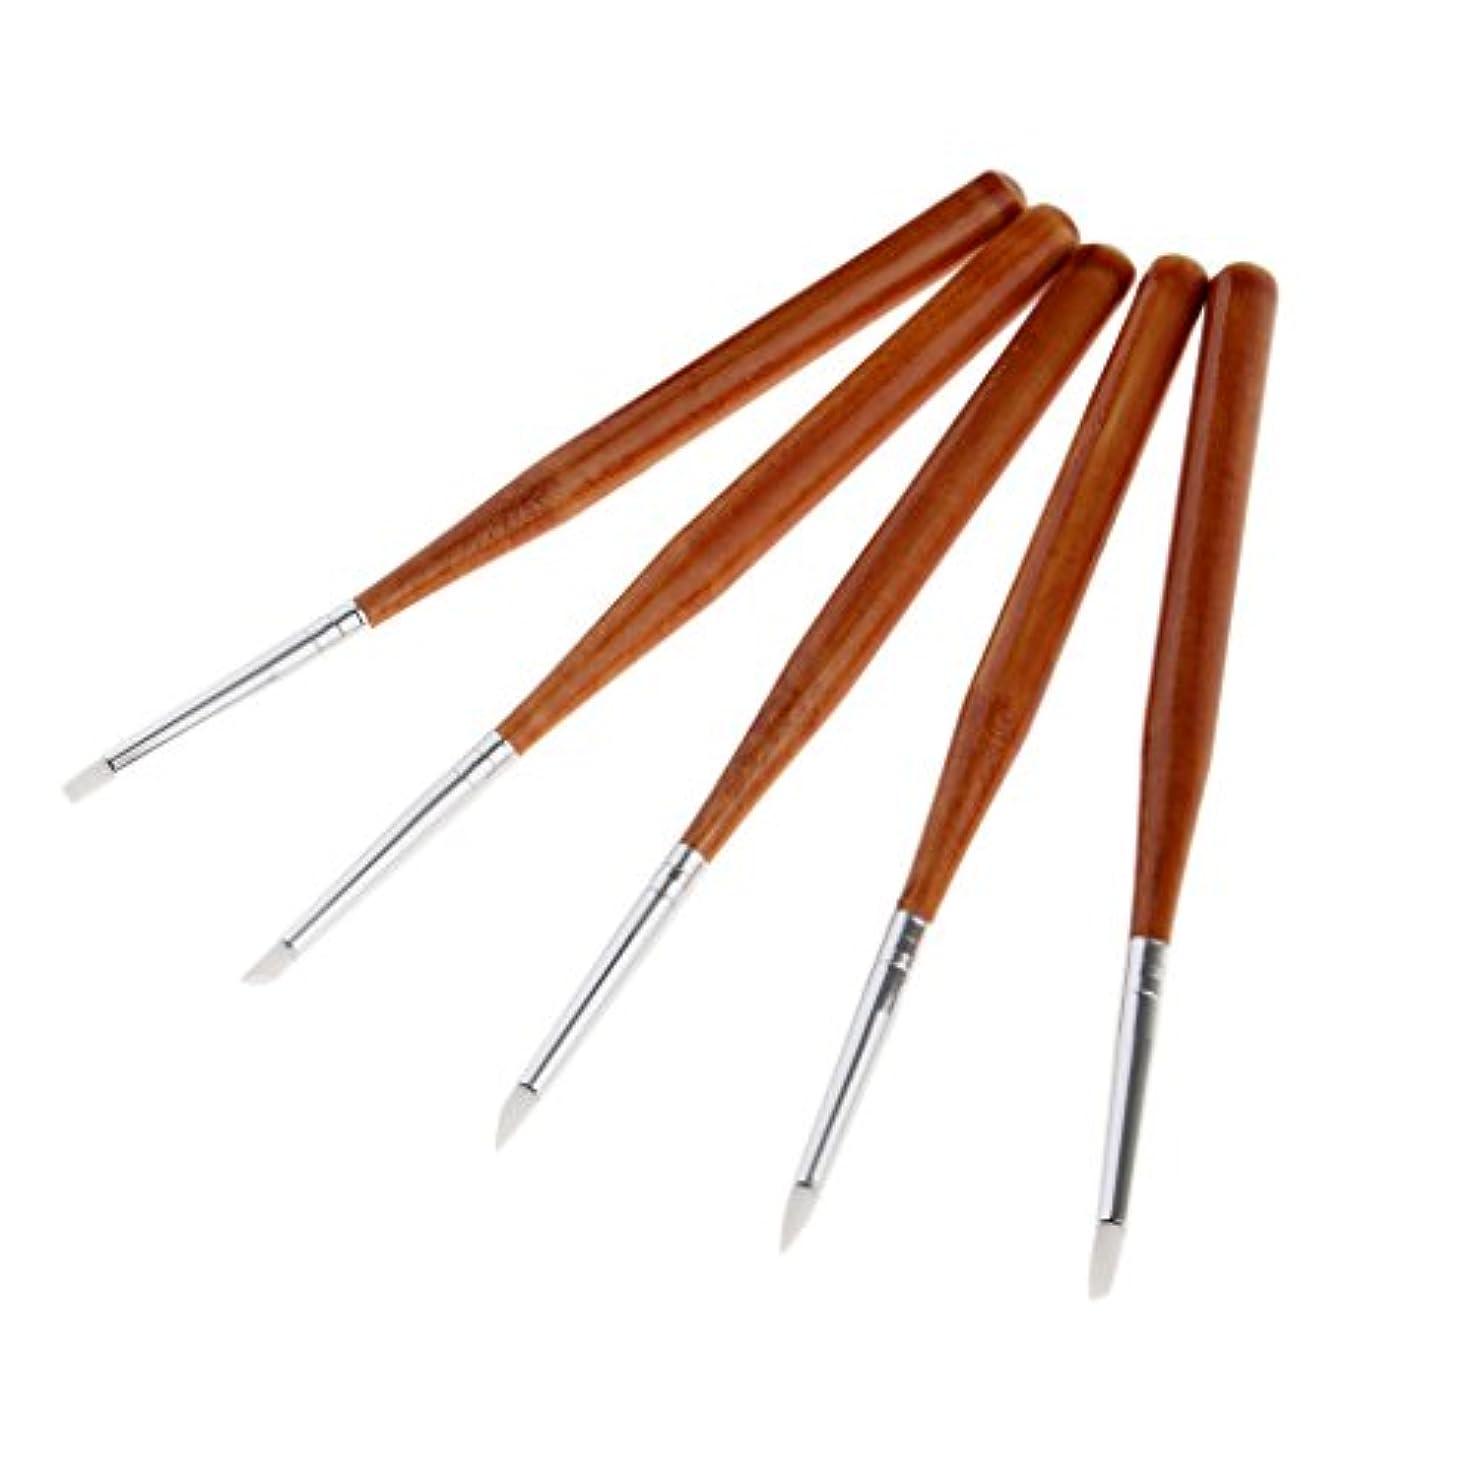 口述する切手ヒープ5本 ネイルアートペン ネイルブラシ ネイル 彫刻ペン 高品質 シリコンヘッド DIY 3タイプ選べる - 13cm